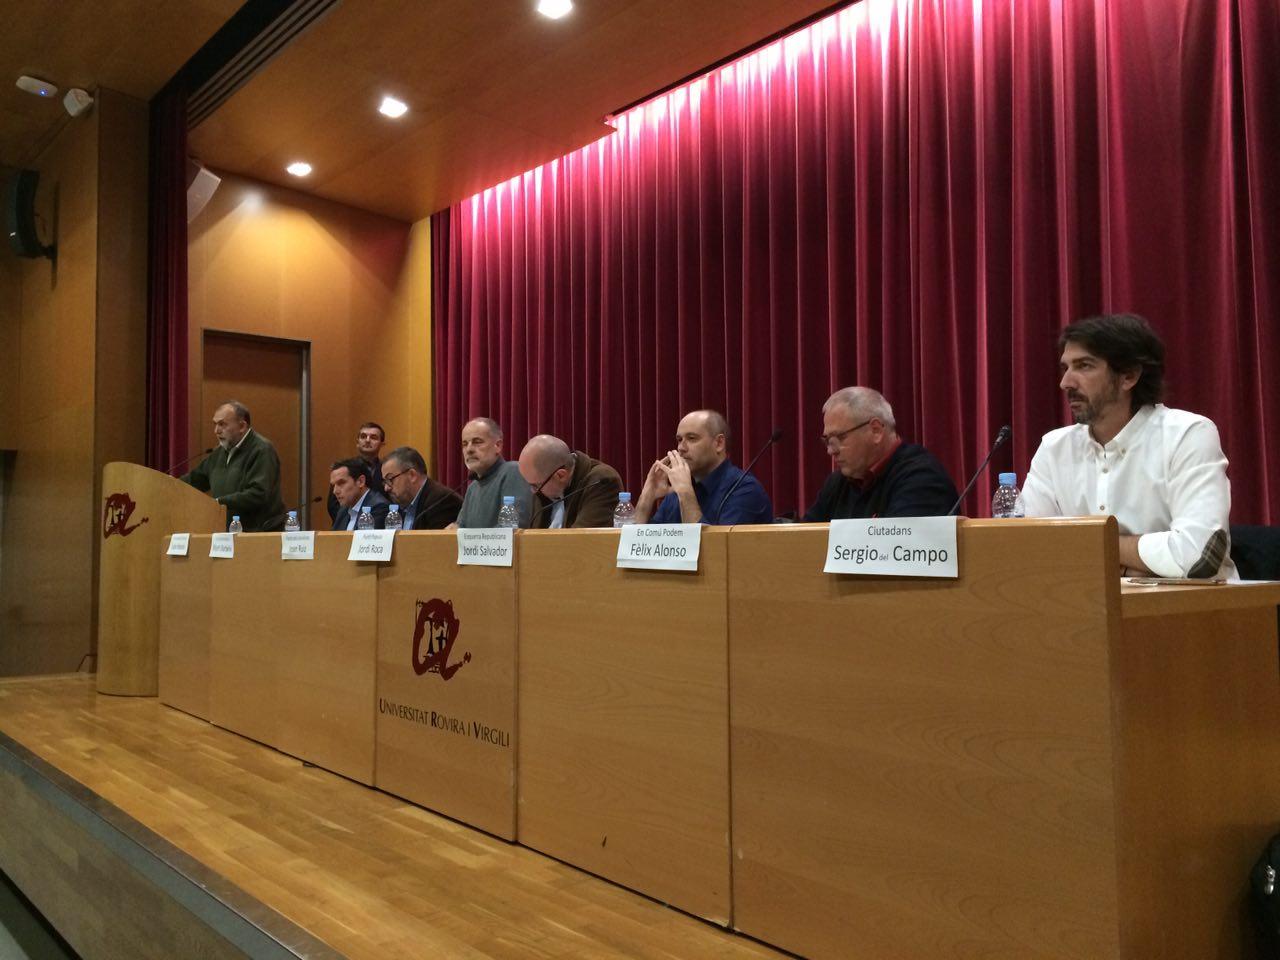 Els set candidats, preparats per l'inici del debat. (Foto: Gerard Recasens)